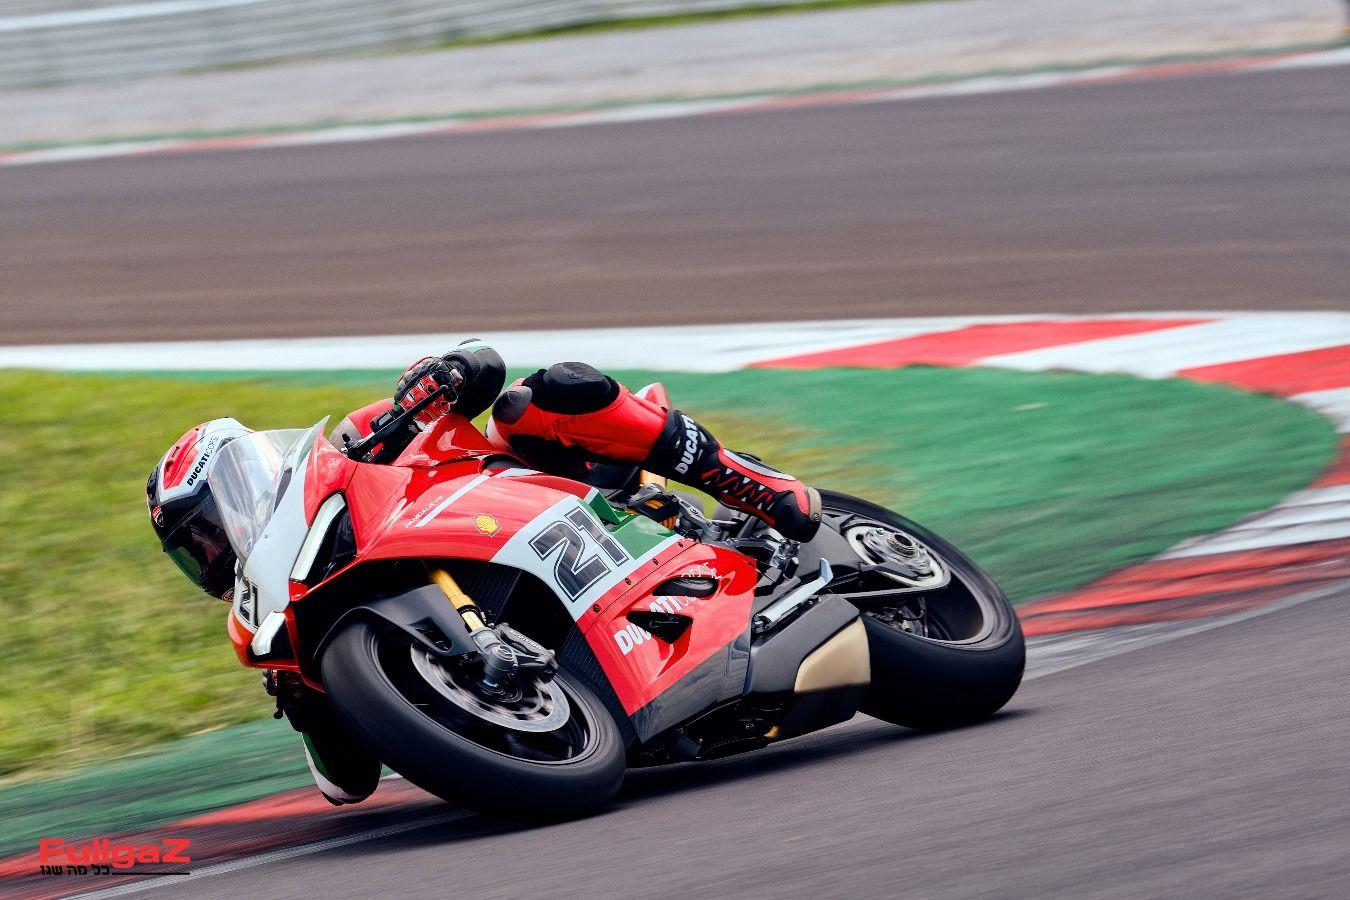 Ducati-Panigale-V2-Bayliss-009